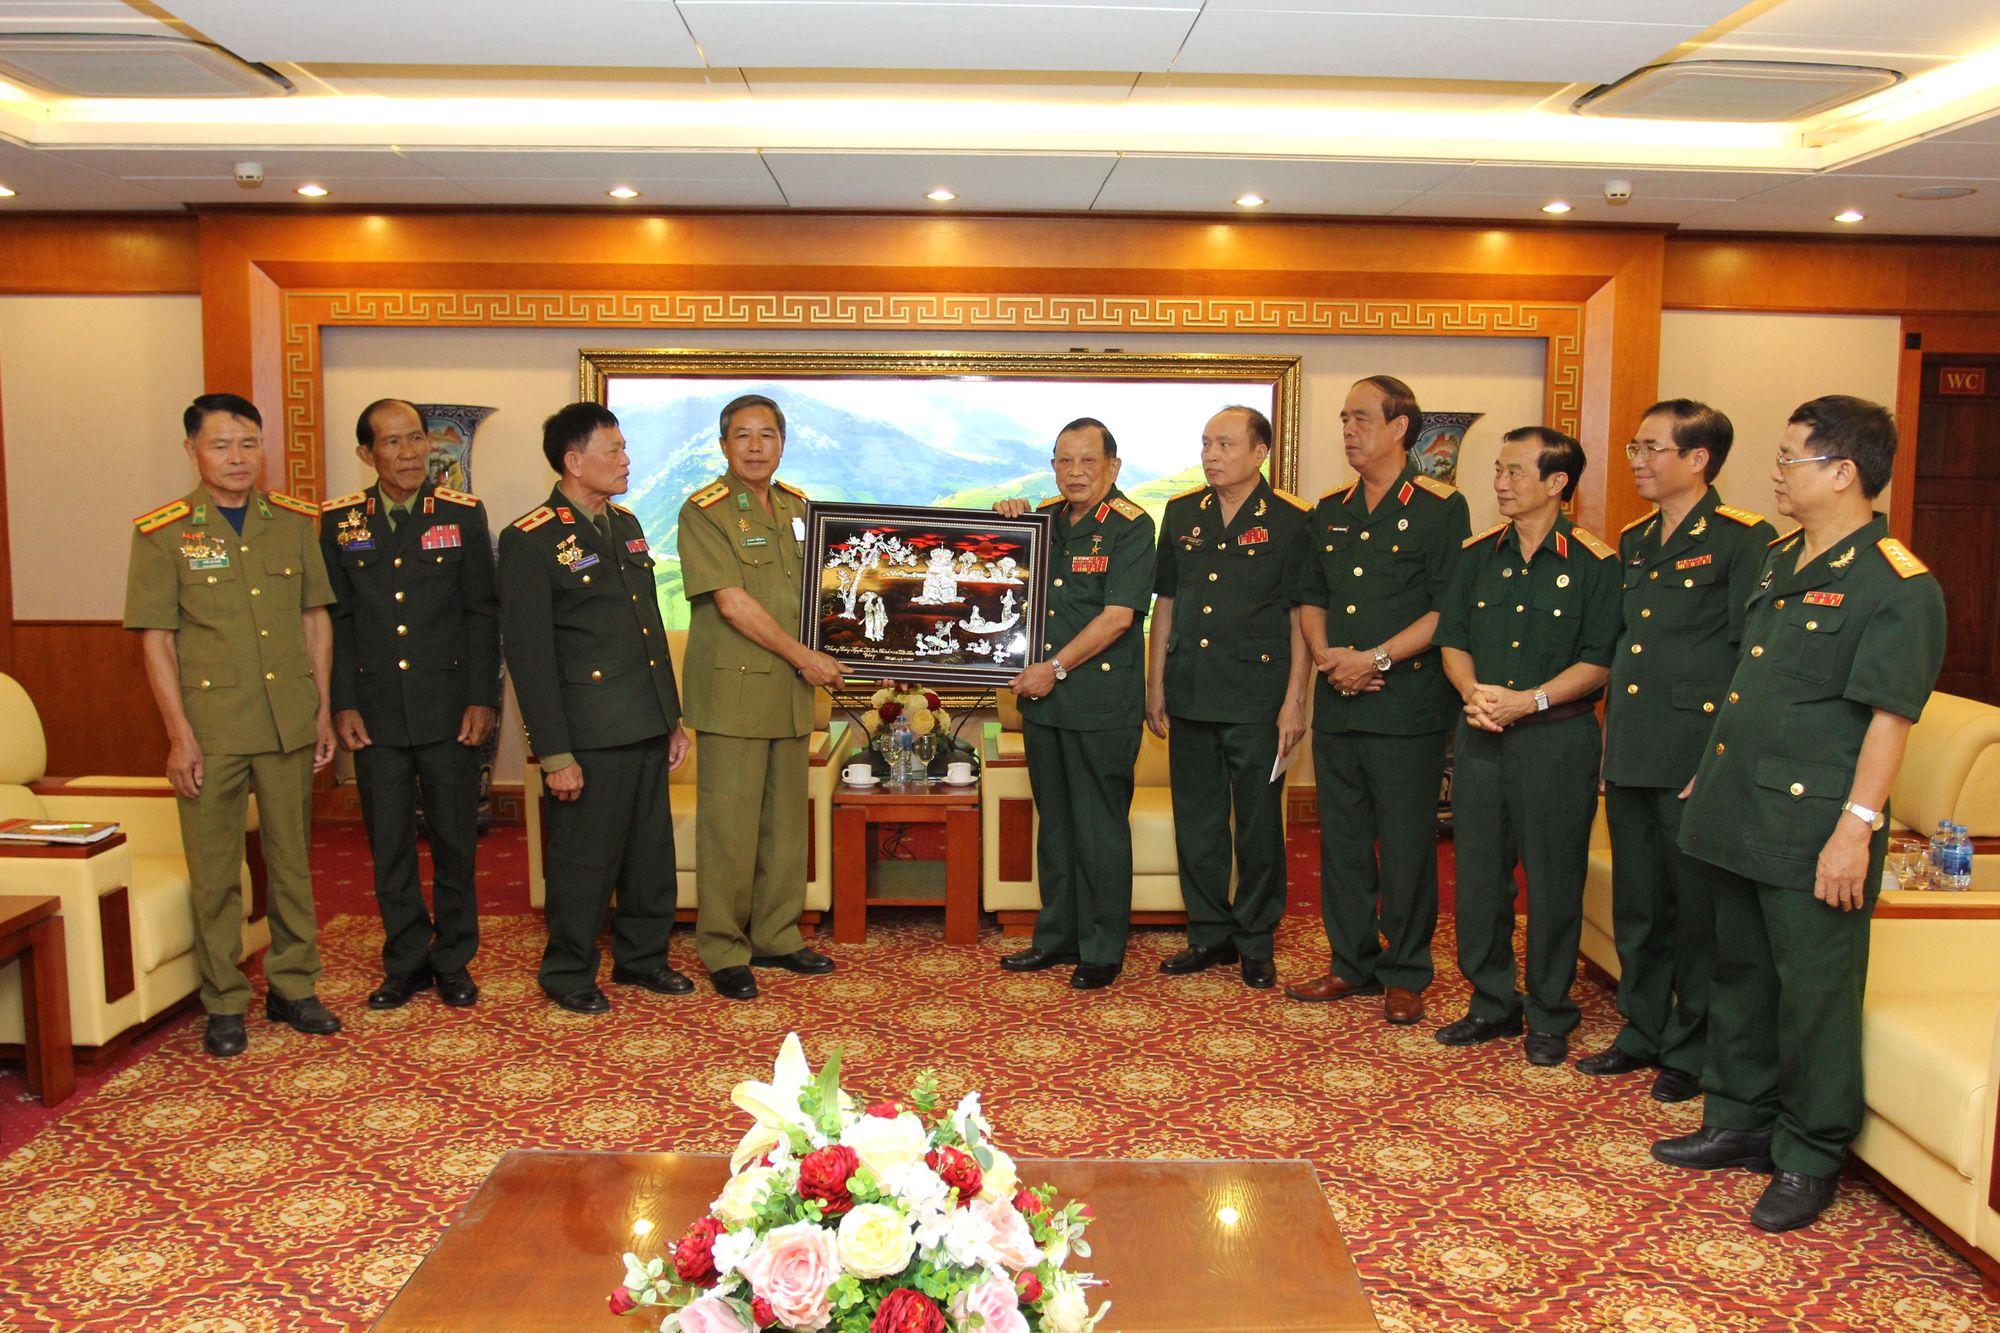 Thượng tướng Nguyễn Văn Được - Chủ tịch Hội CCB Việt Nam tiếp Đoàn CCB thủ đô Viêng Chăn, Lào